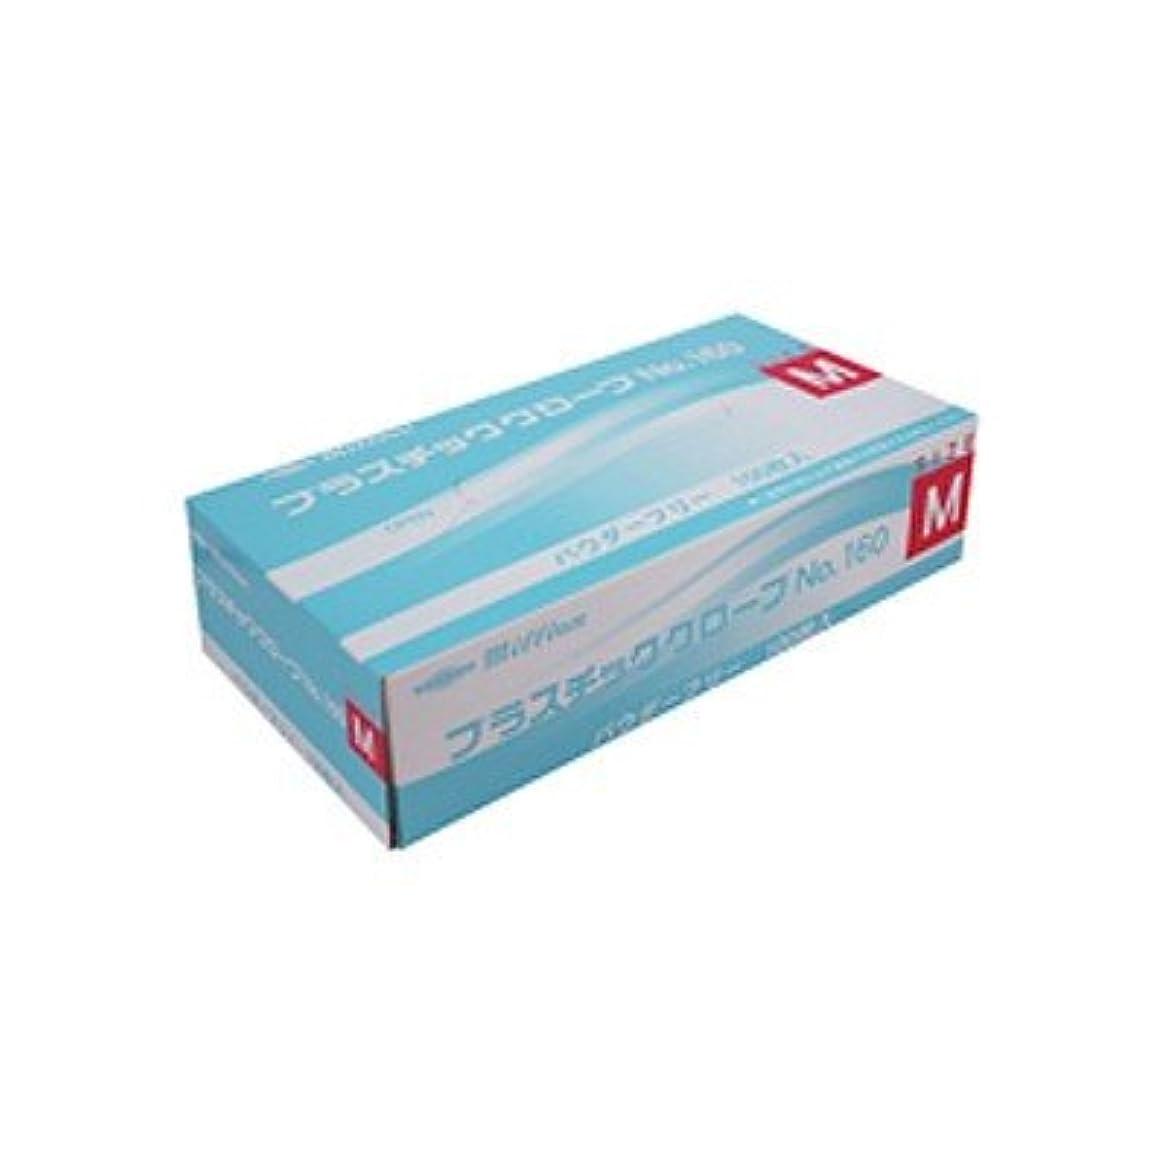 しなやかよろしく魅惑的なミリオン プラスチック手袋 粉無 No.160 M 品番:LH-160-M 注文番号:62741606 メーカー:共和